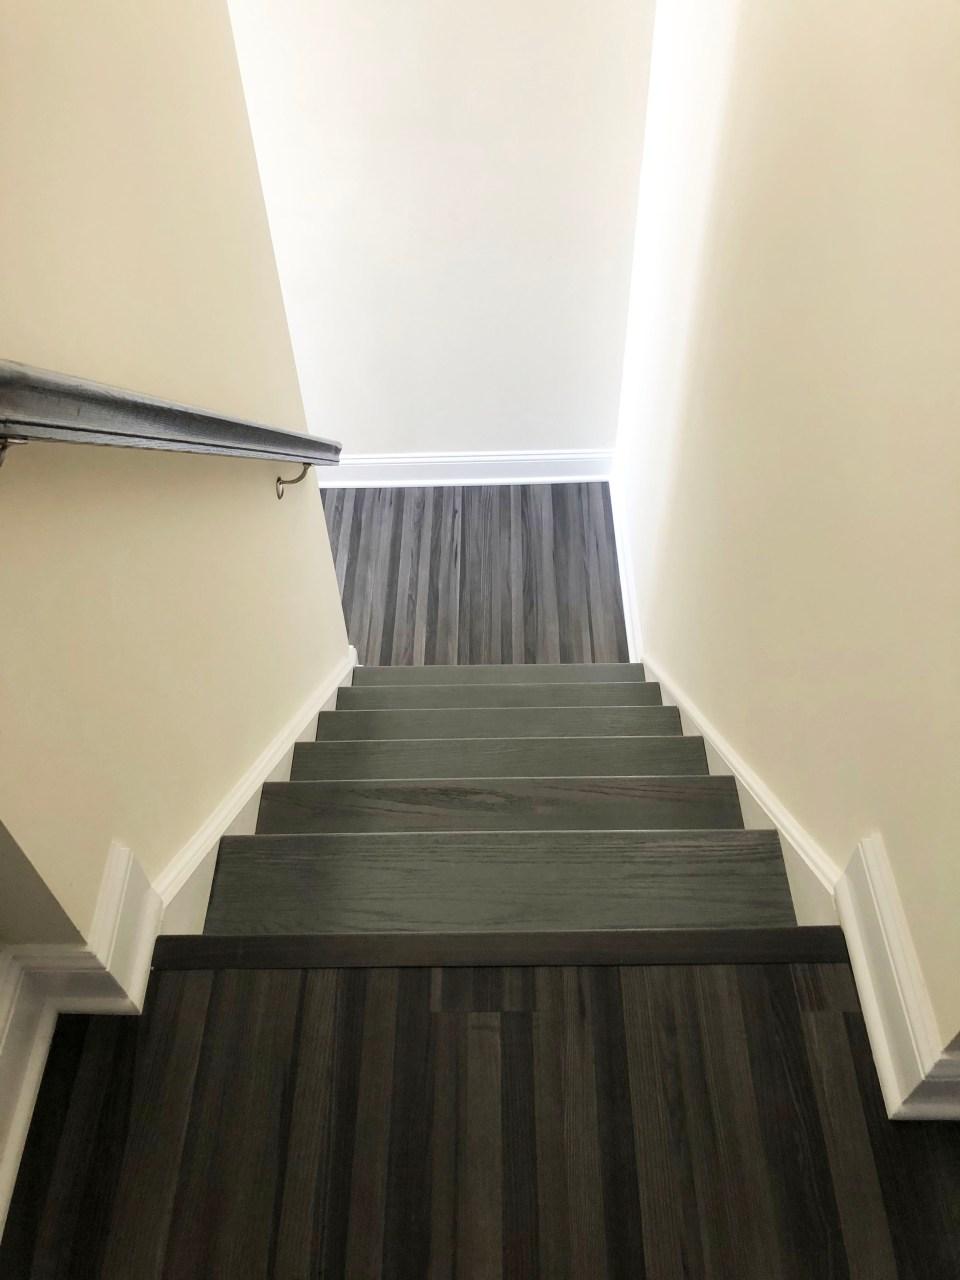 Foyer - Stairs Update 22